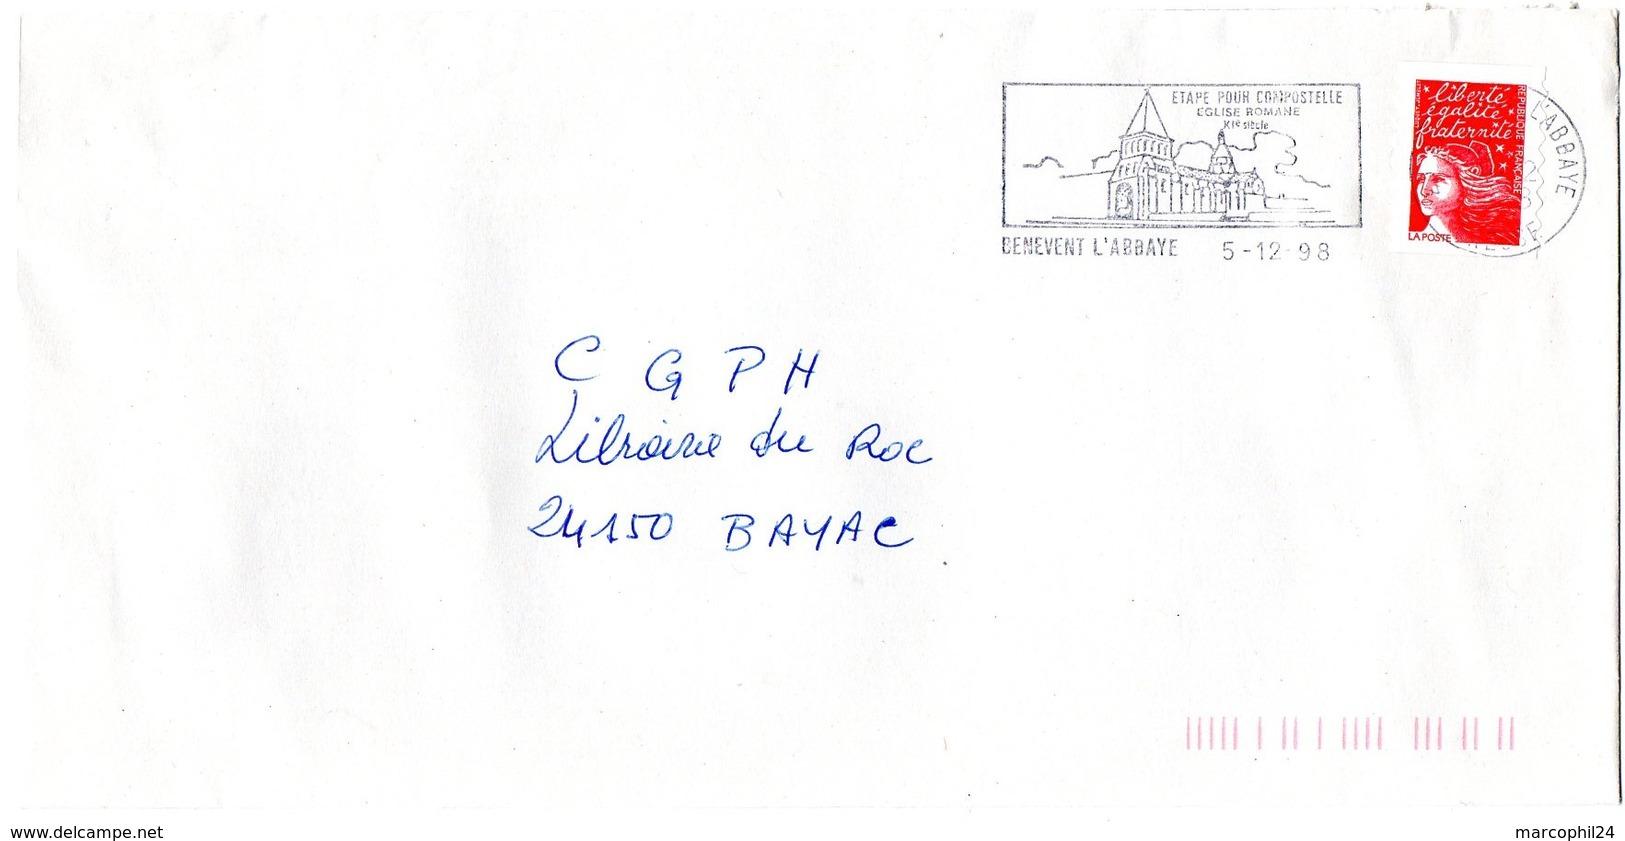 CREUSE - Dépt N° 23 = BENEVENT L' ABBAYE 1998 = FLAMME Type II = SECAP Illustrée  'ETAPE Pour COMPOSTELLE ' - Postmark Collection (Covers)